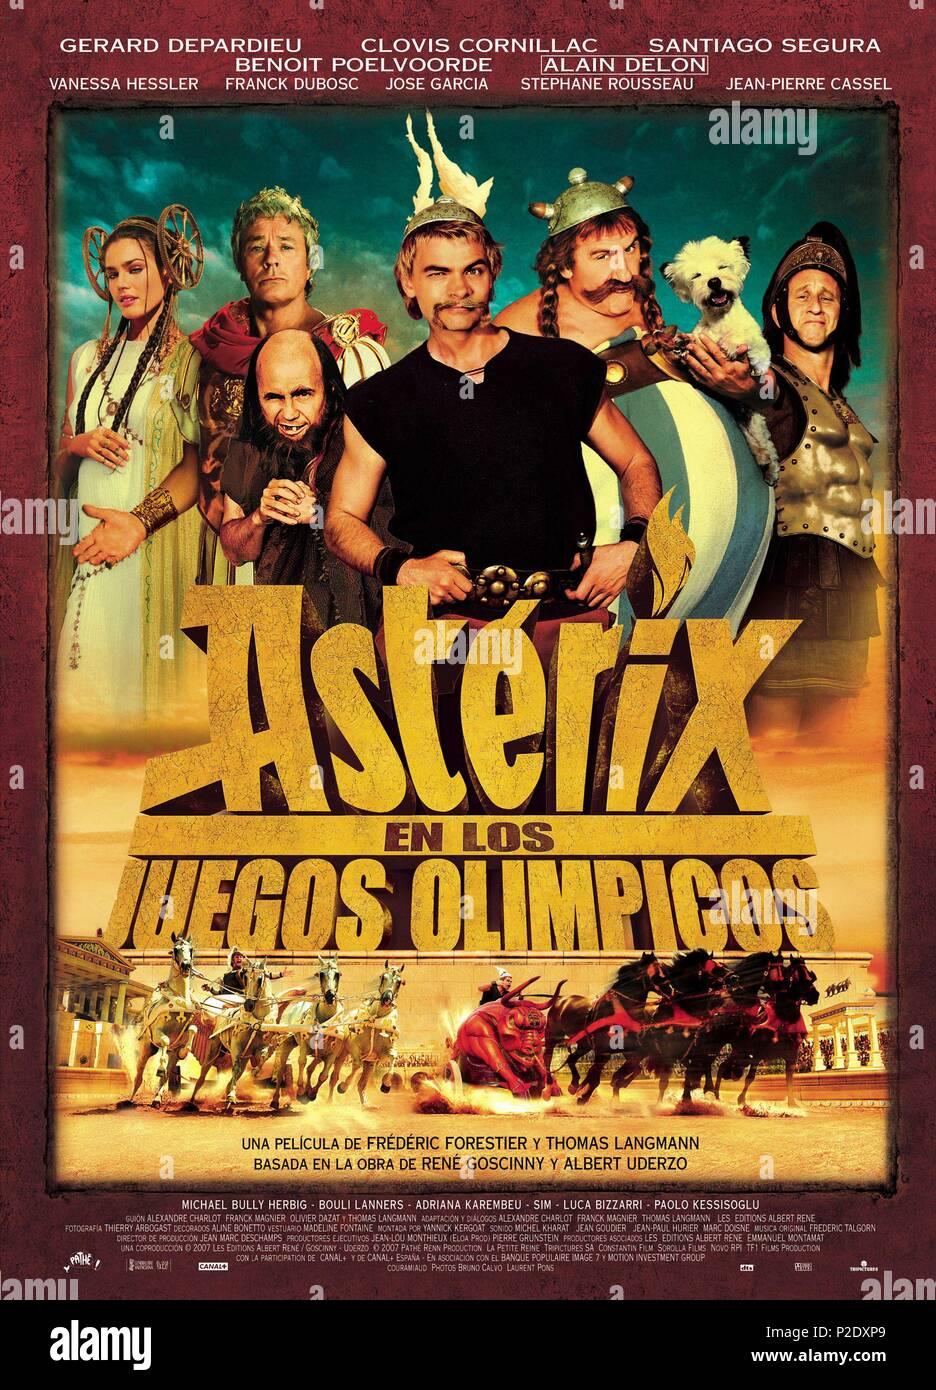 Asterix Et Obelix Aux Jeux Olympiques : asterix, obelix, olympiques, Asterix, Olympiques, Resolution, Stock, Photography, Images, Alamy